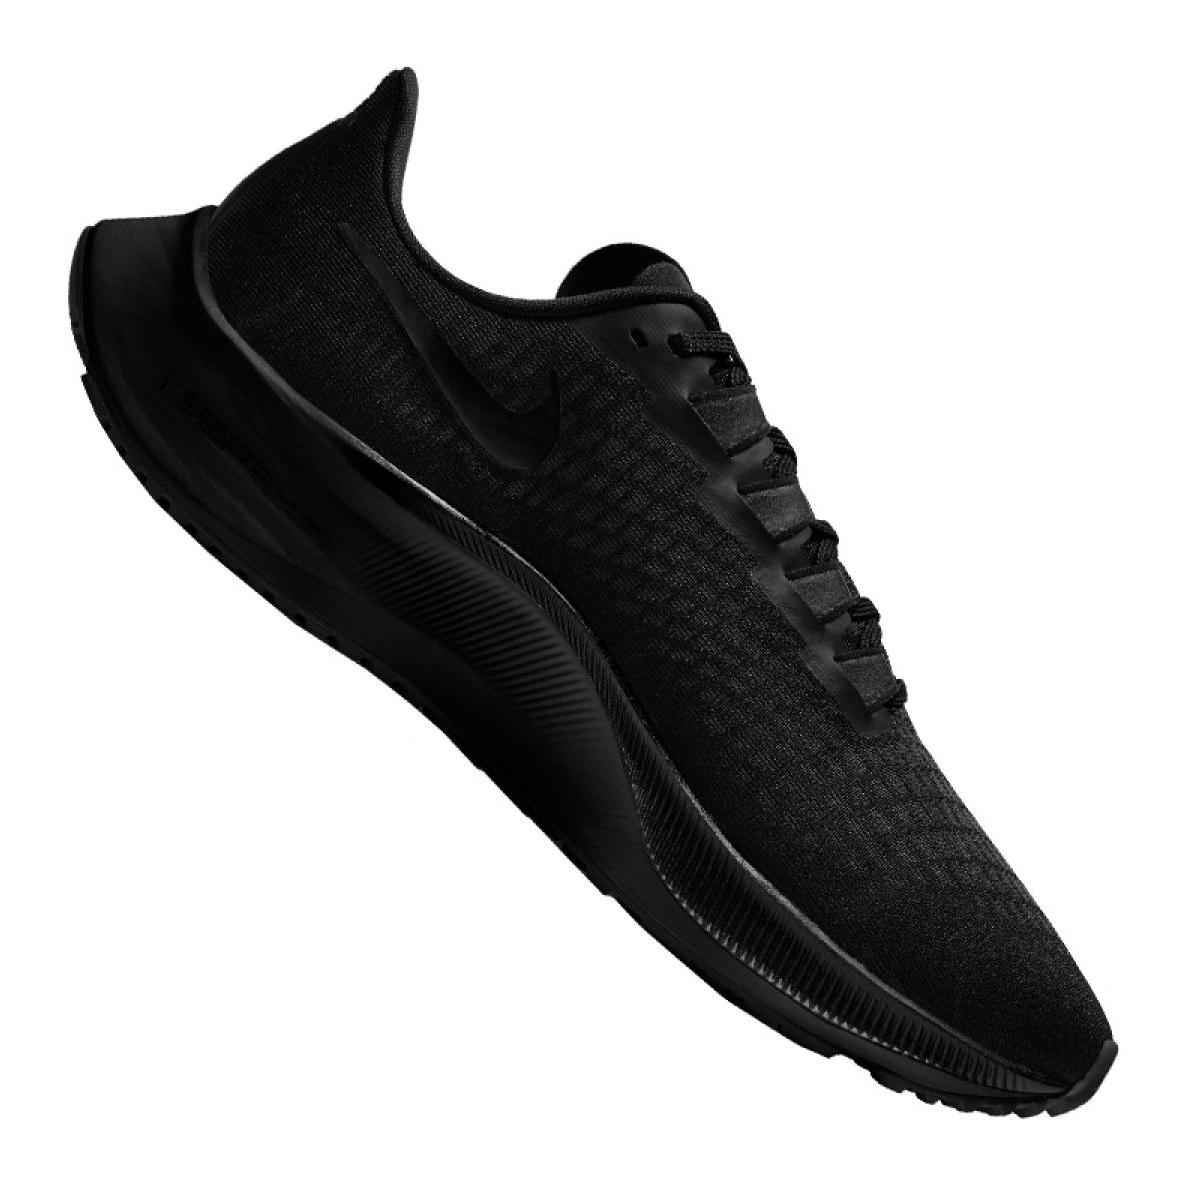 Détails sur Chaussures de running Nike Air Zoom Pegasus 37 M BQ9646 005